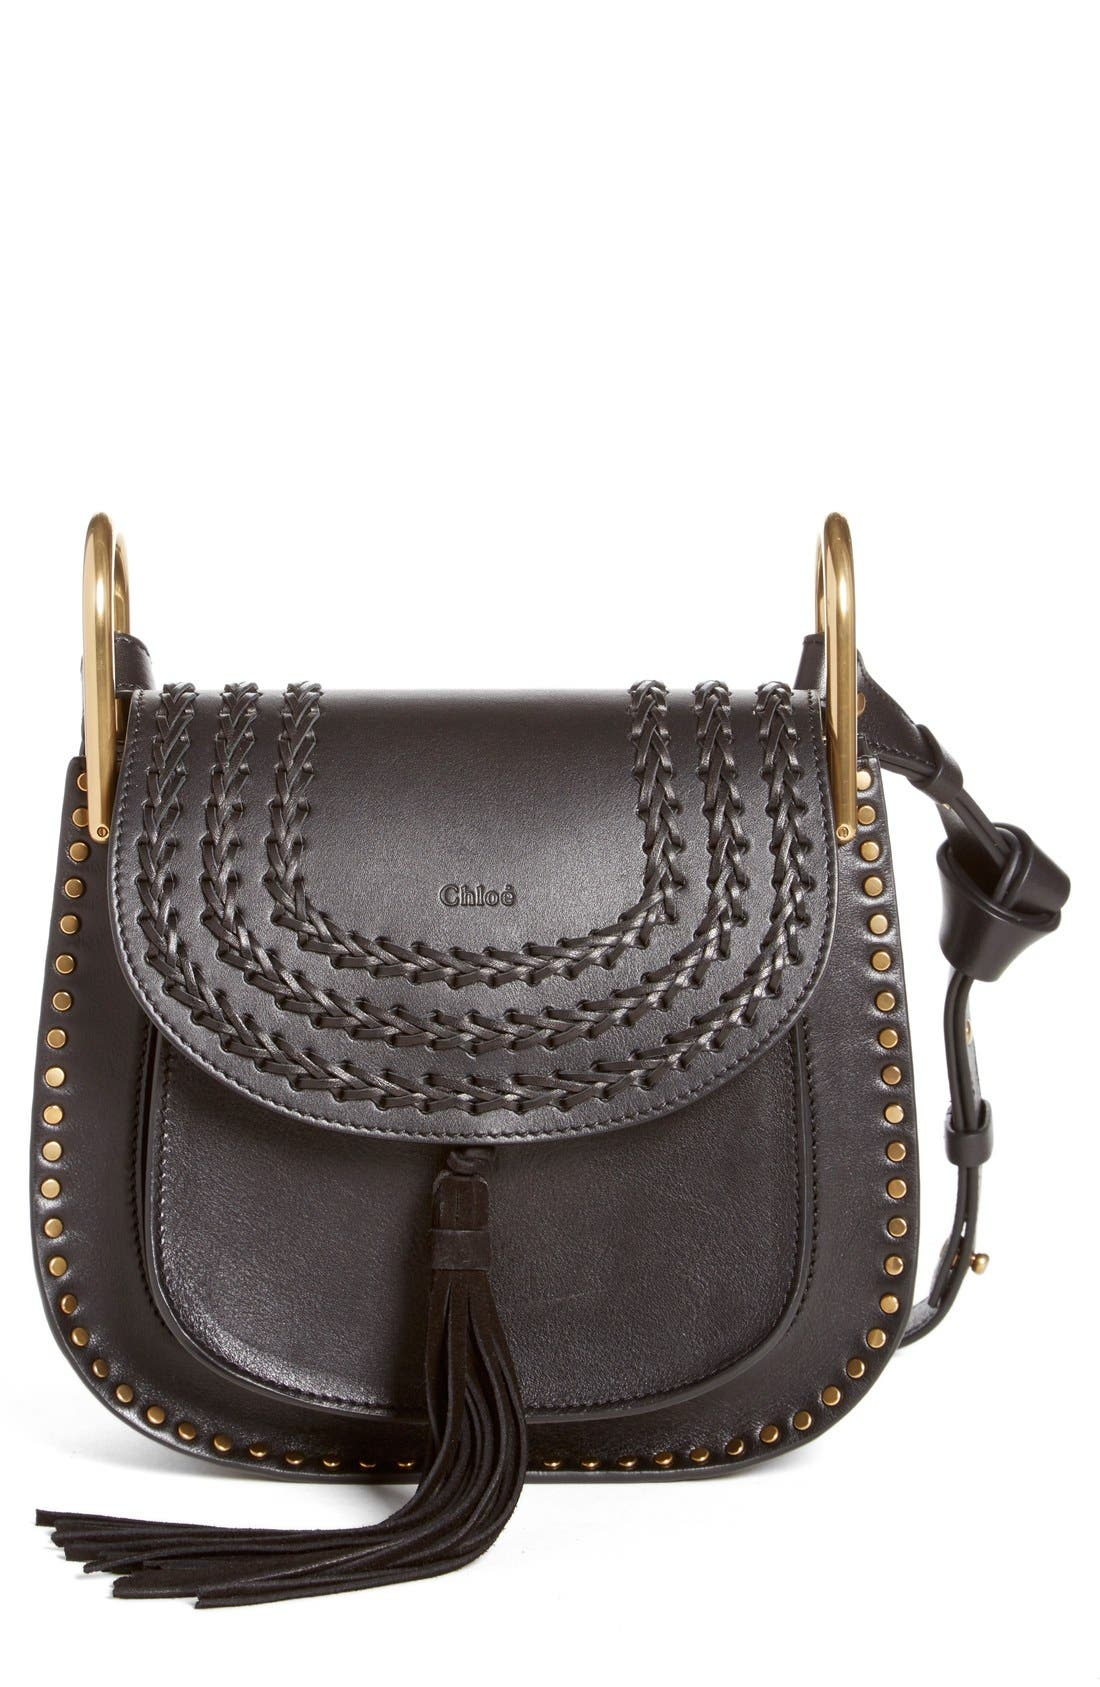 Alternate Image 1 Selected - Chloé 'Medium Hudson' Tassel Leather Shoulder Bag